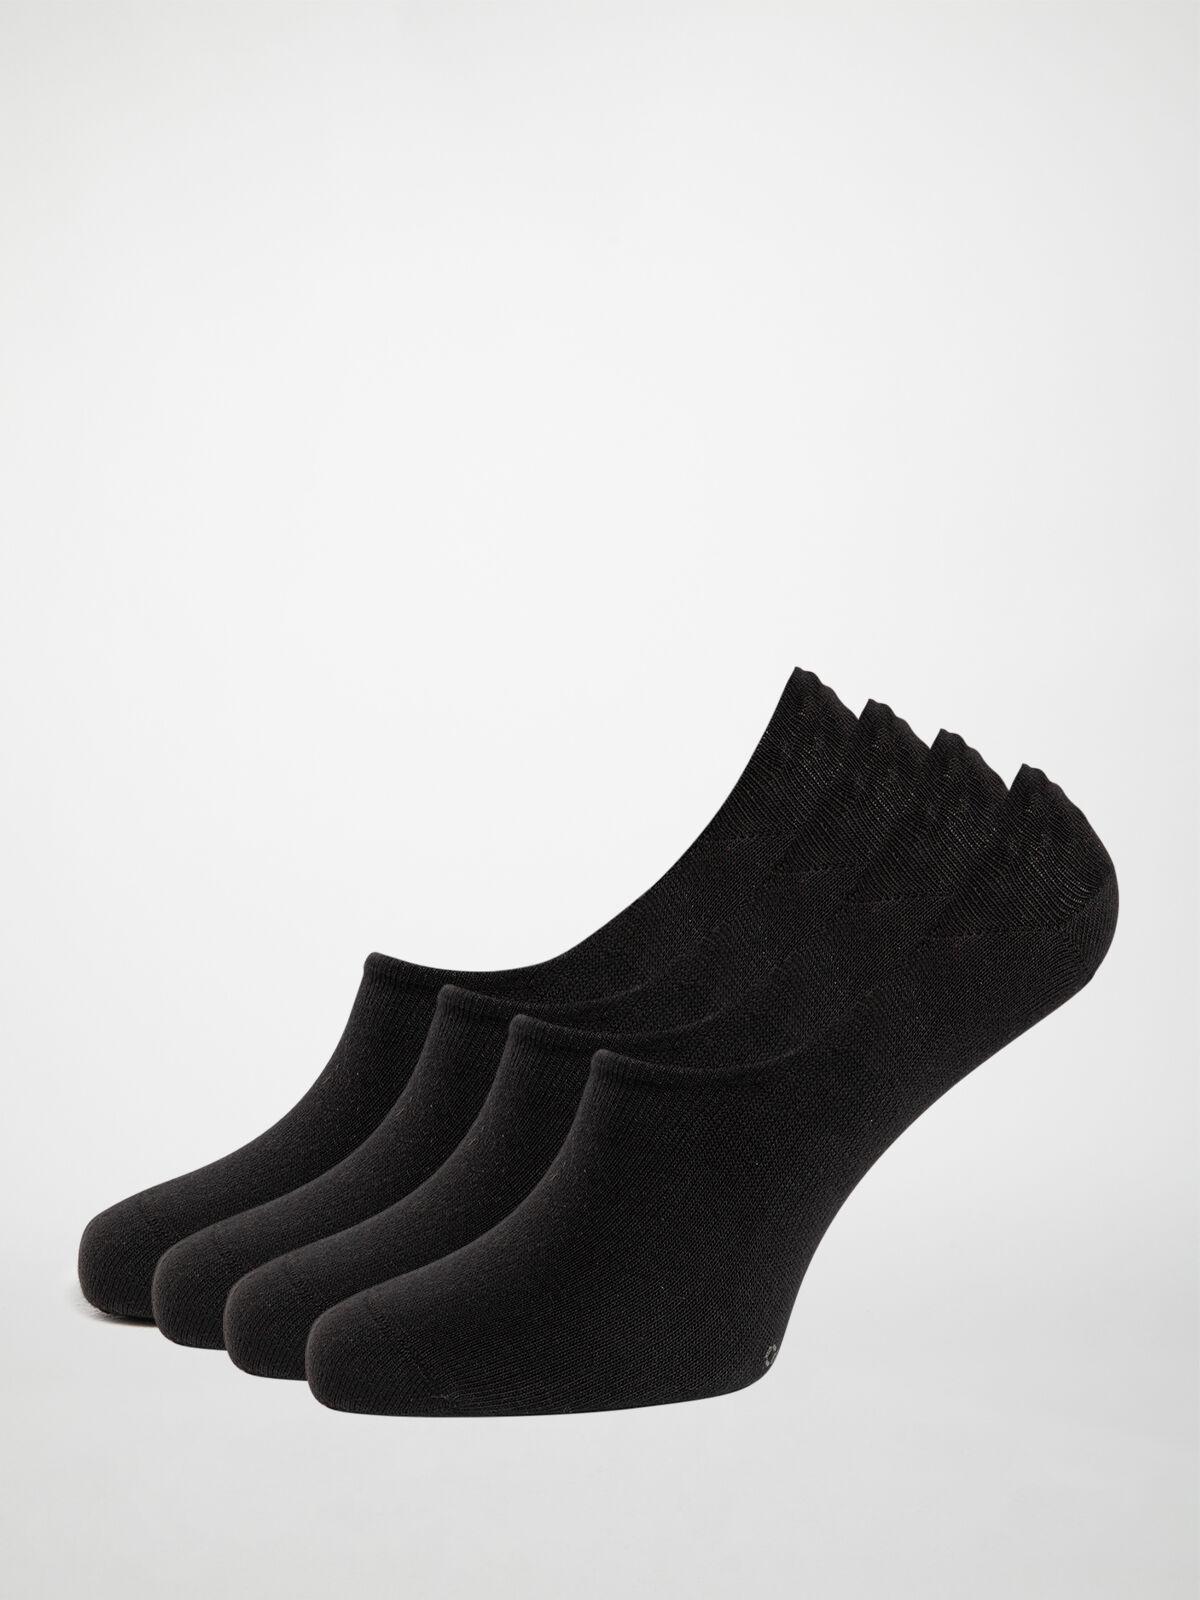 Protège-pieds lot de 4